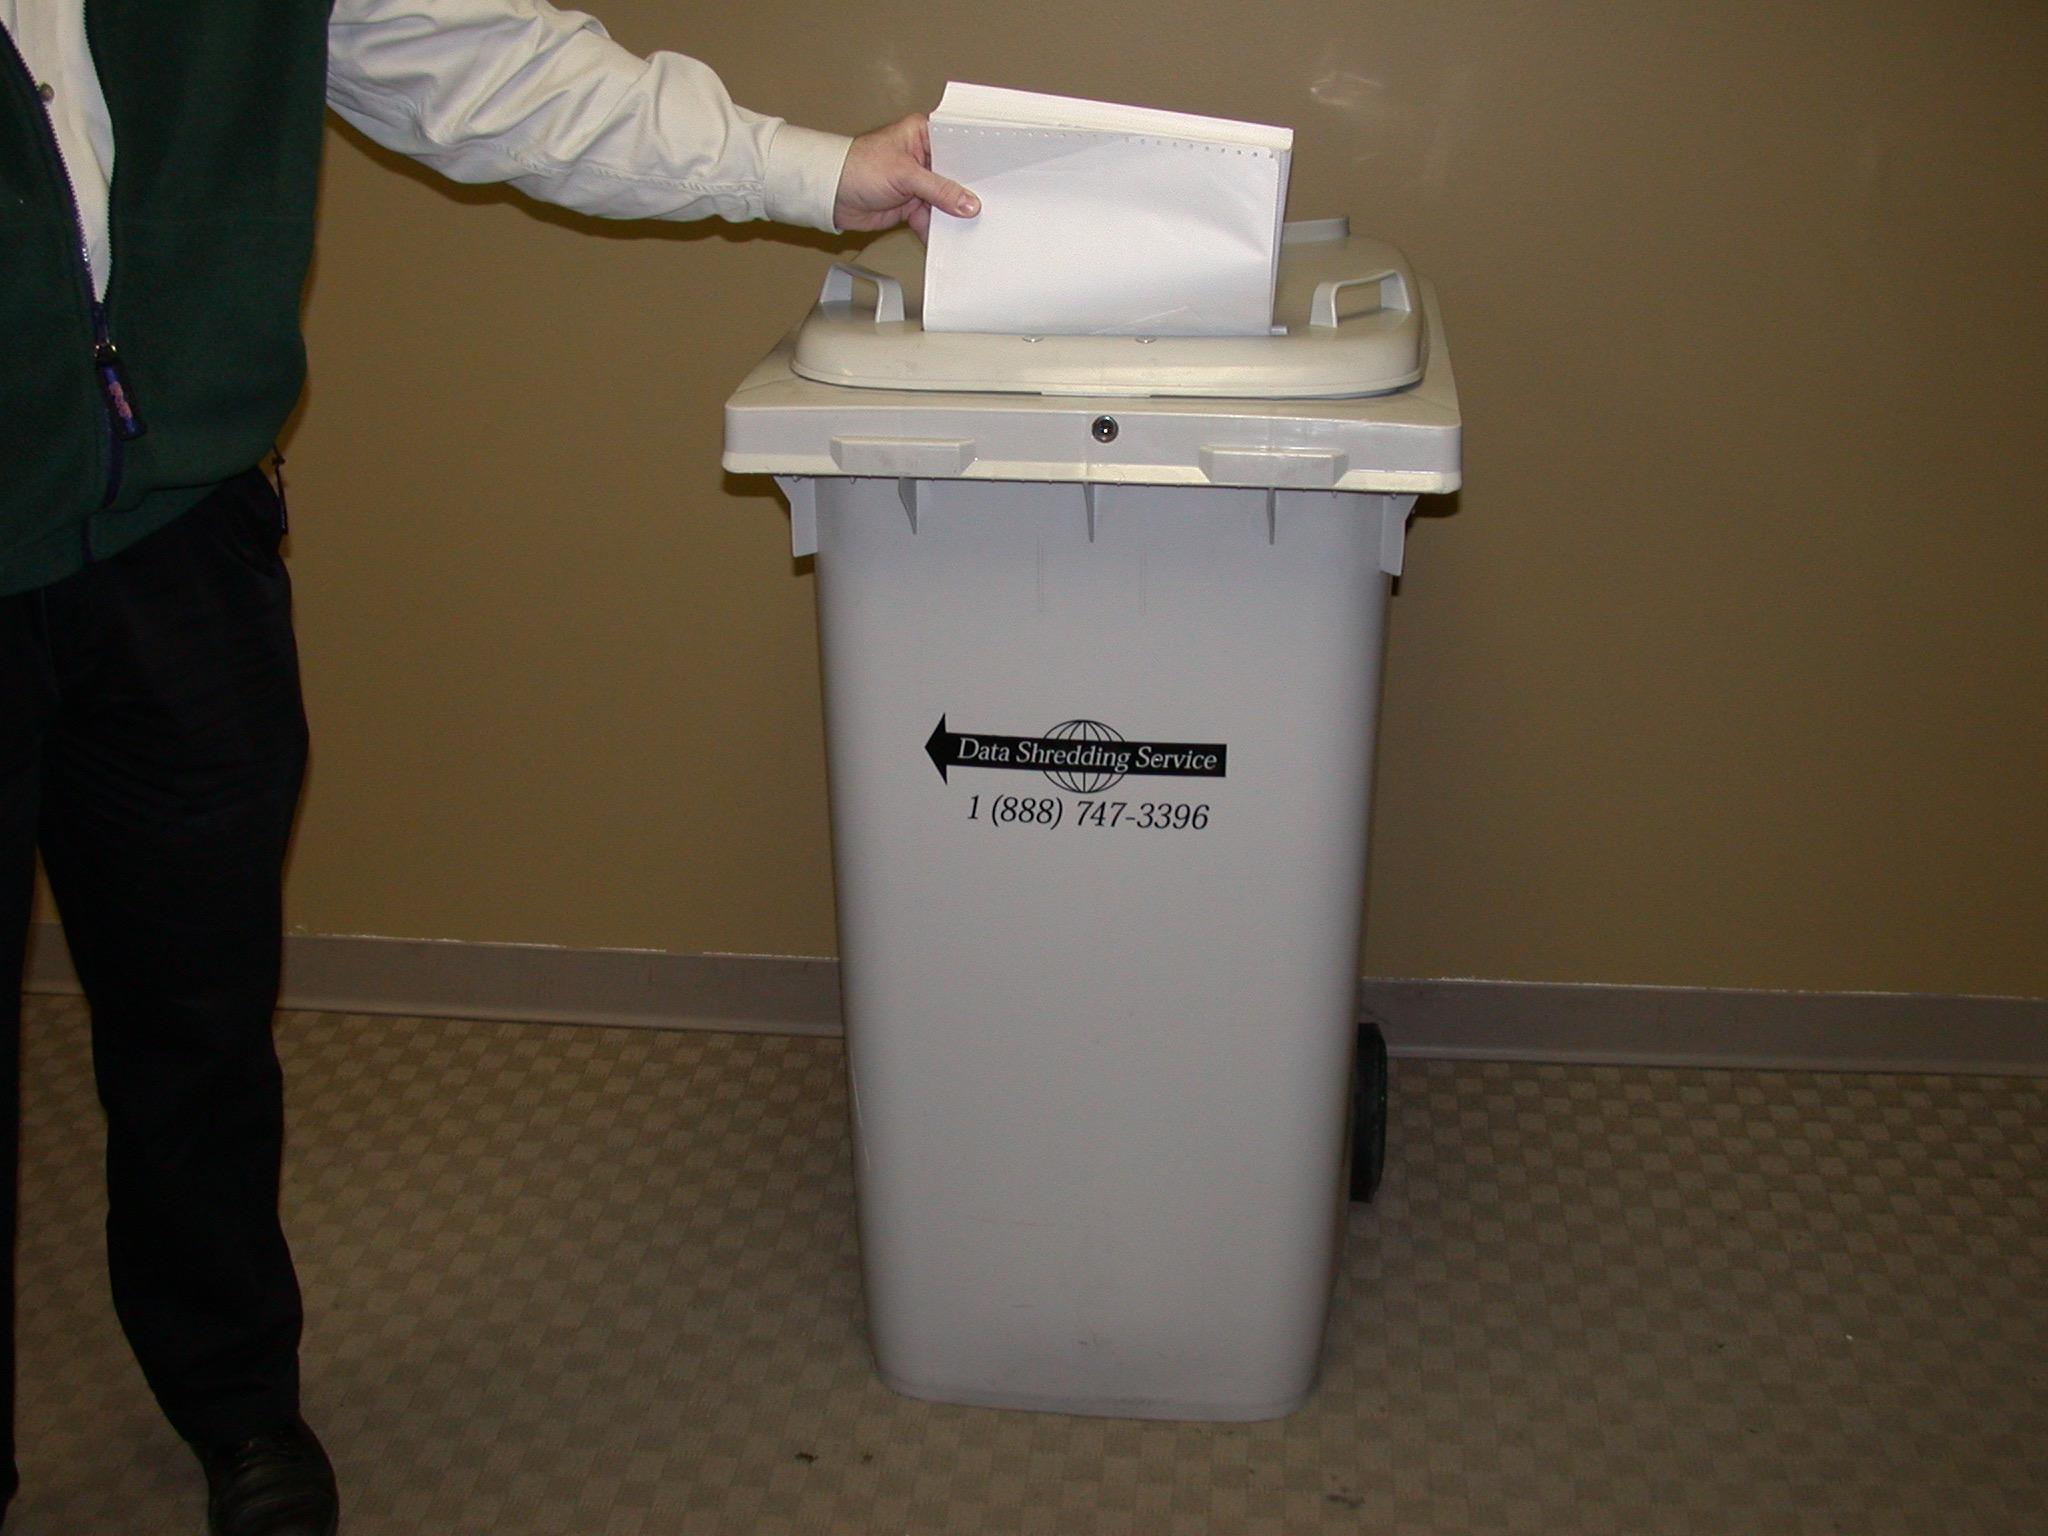 64 gal shredding bin